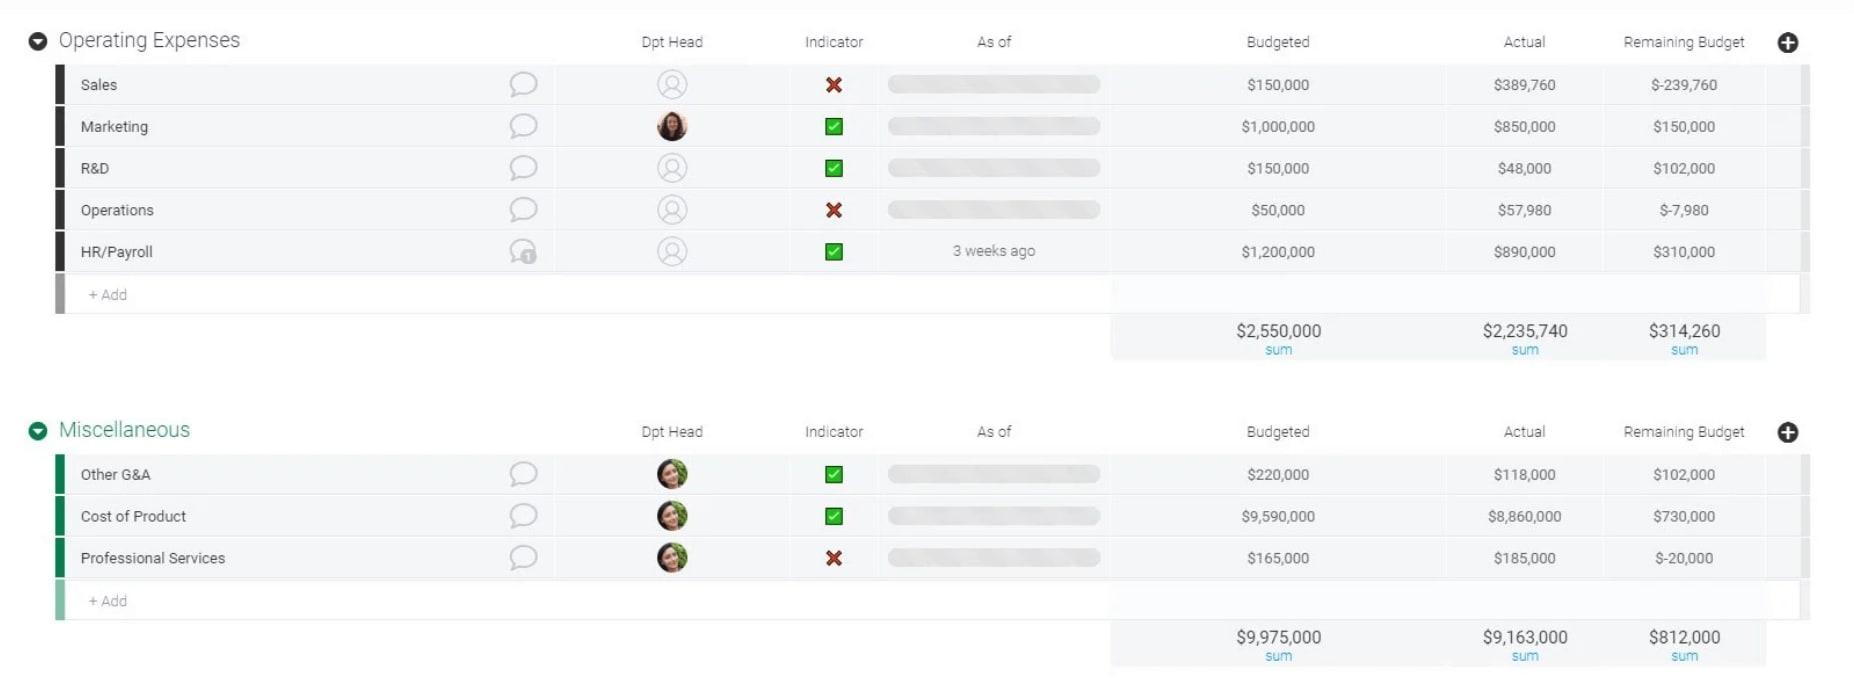 monday.com's Budget Tracker template